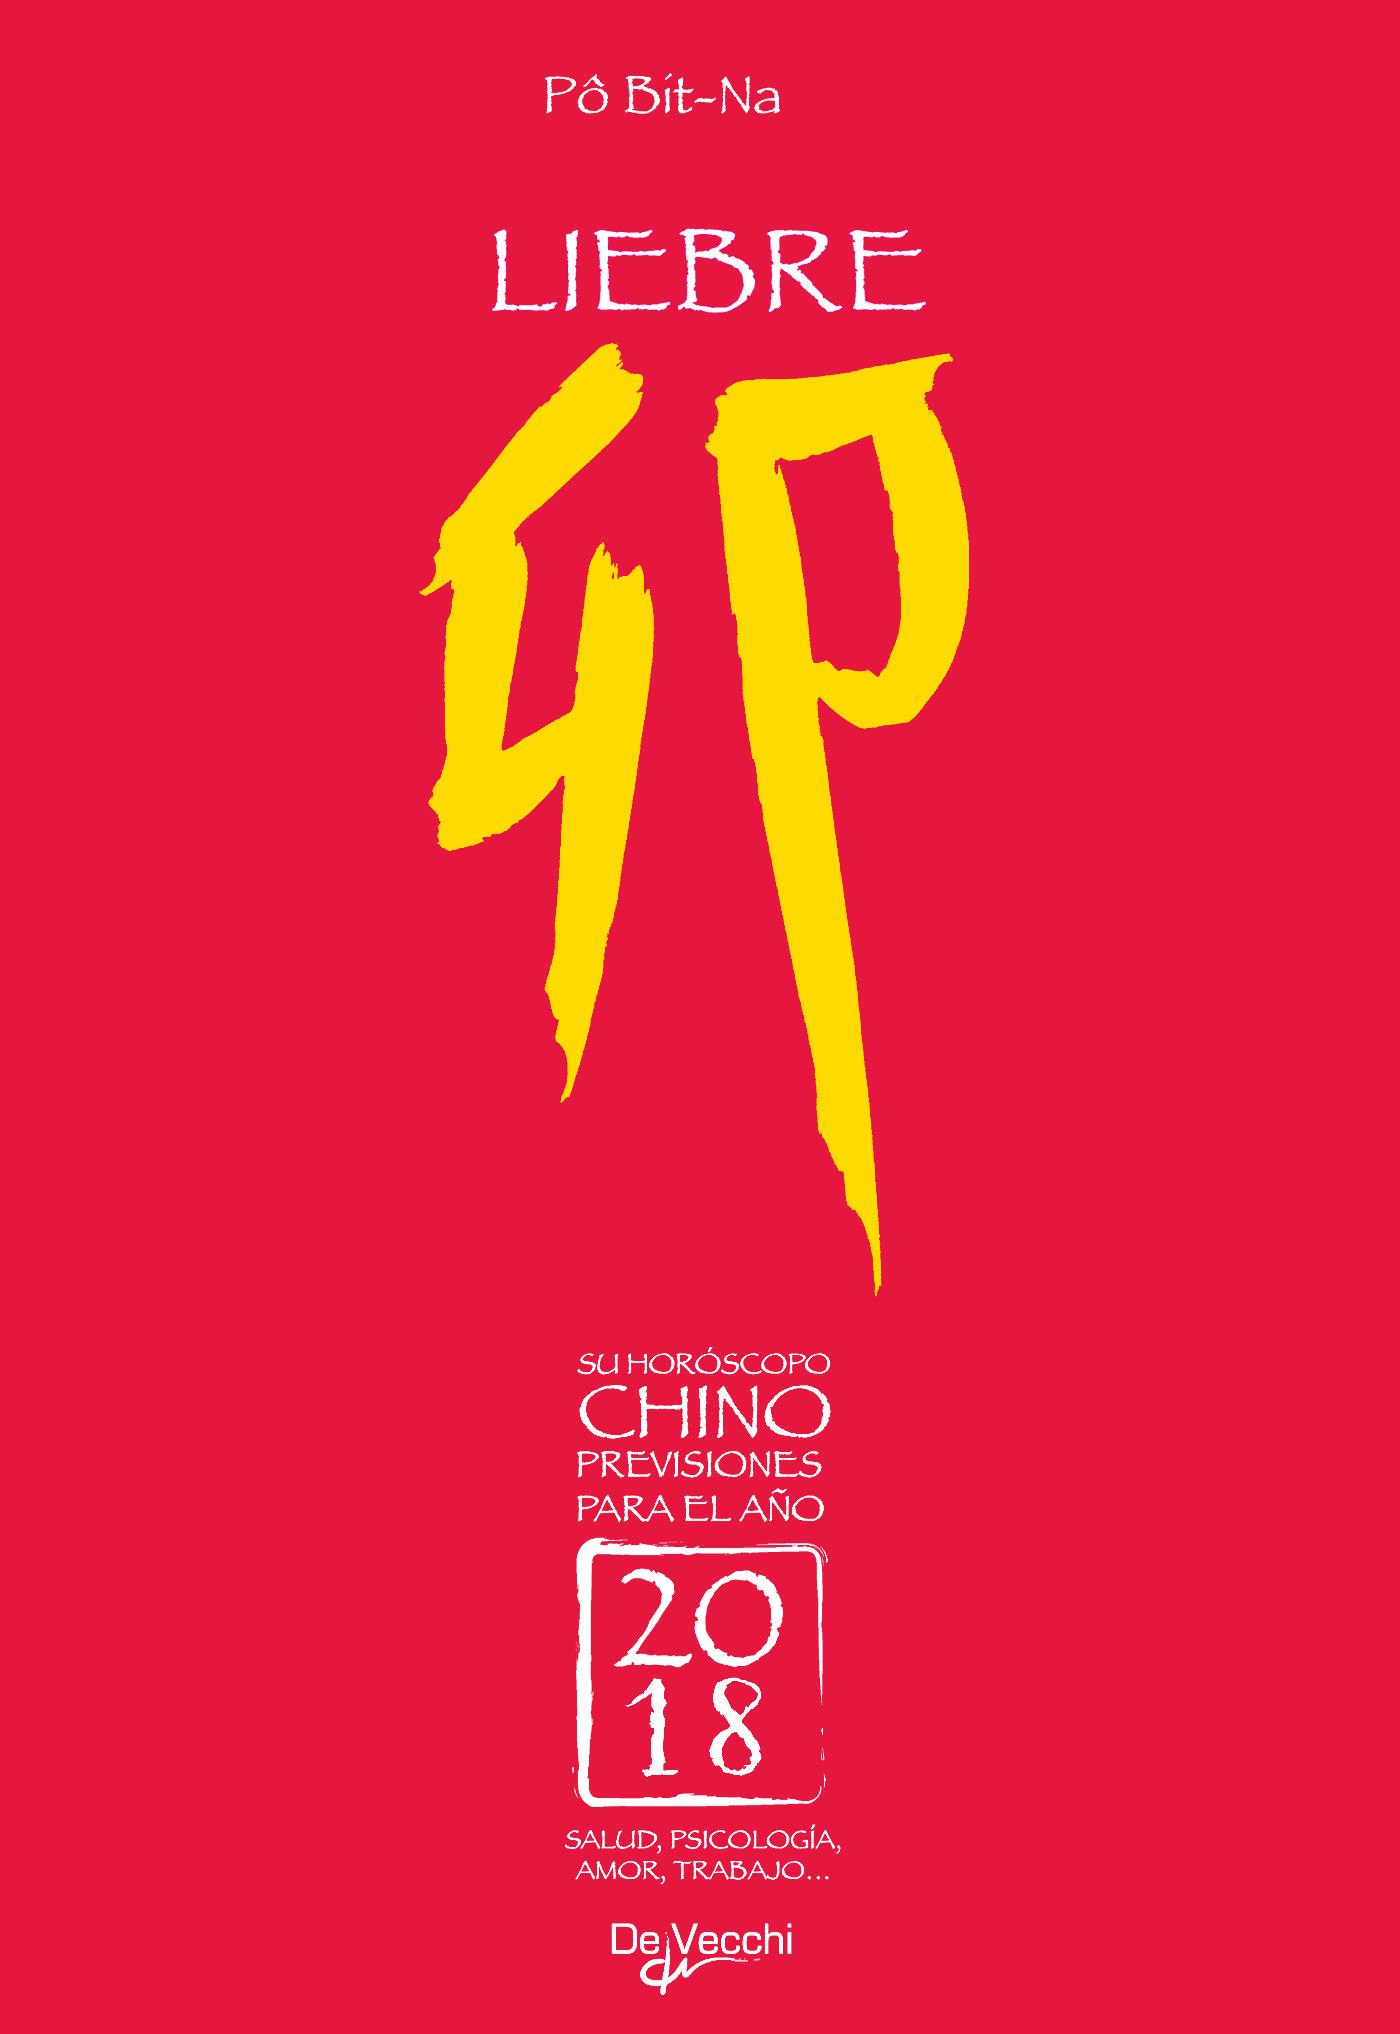 Bit-Na, Pô - Su horóscopo chino. Liebre, ebook